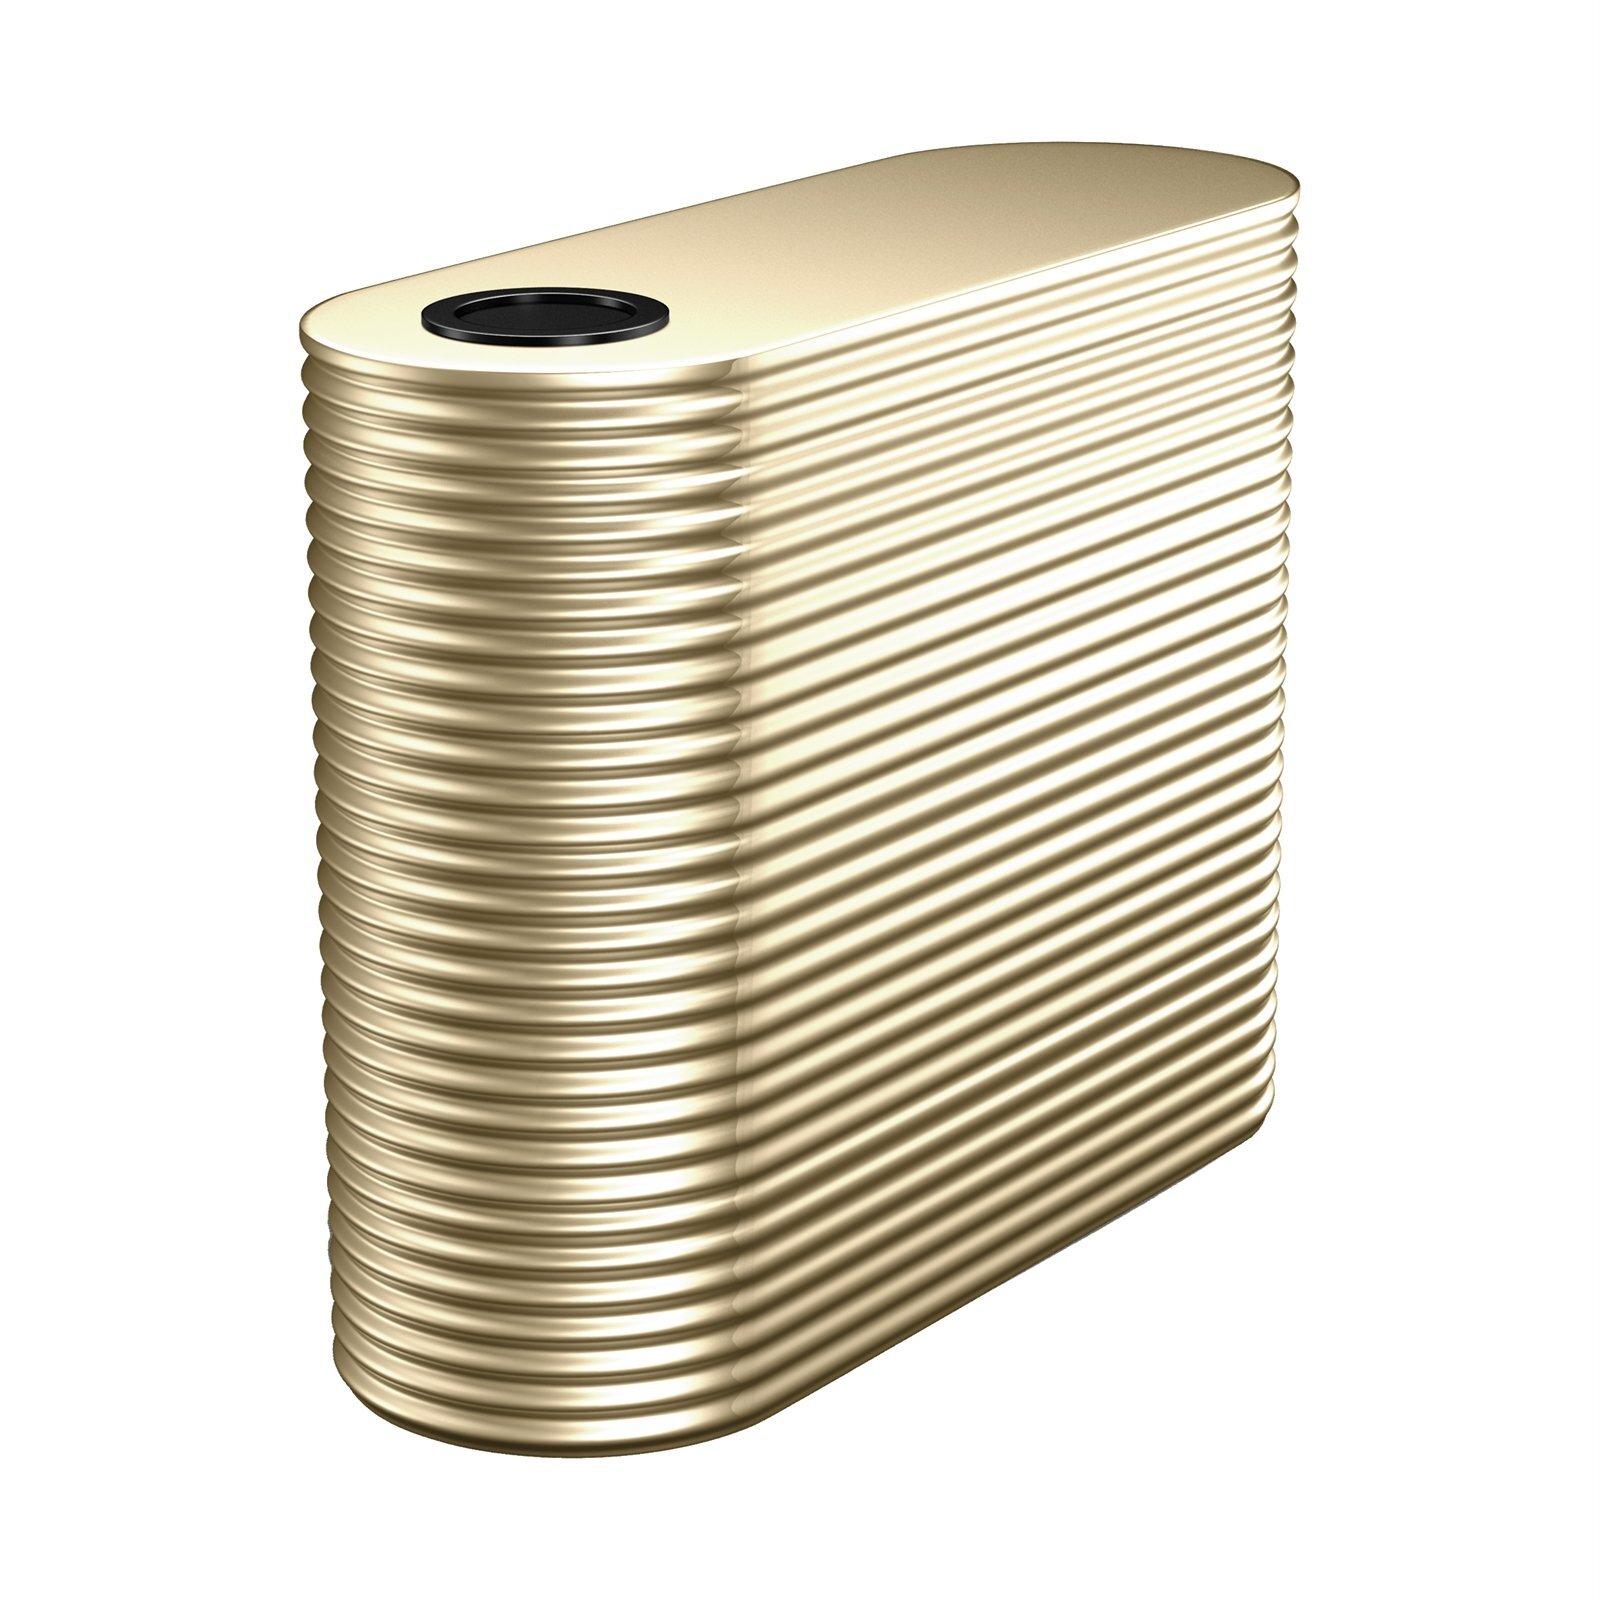 Kingspan 1000L Slim Steel Water Tank - 550mm x 1560mm x 1400mm Classic Cream